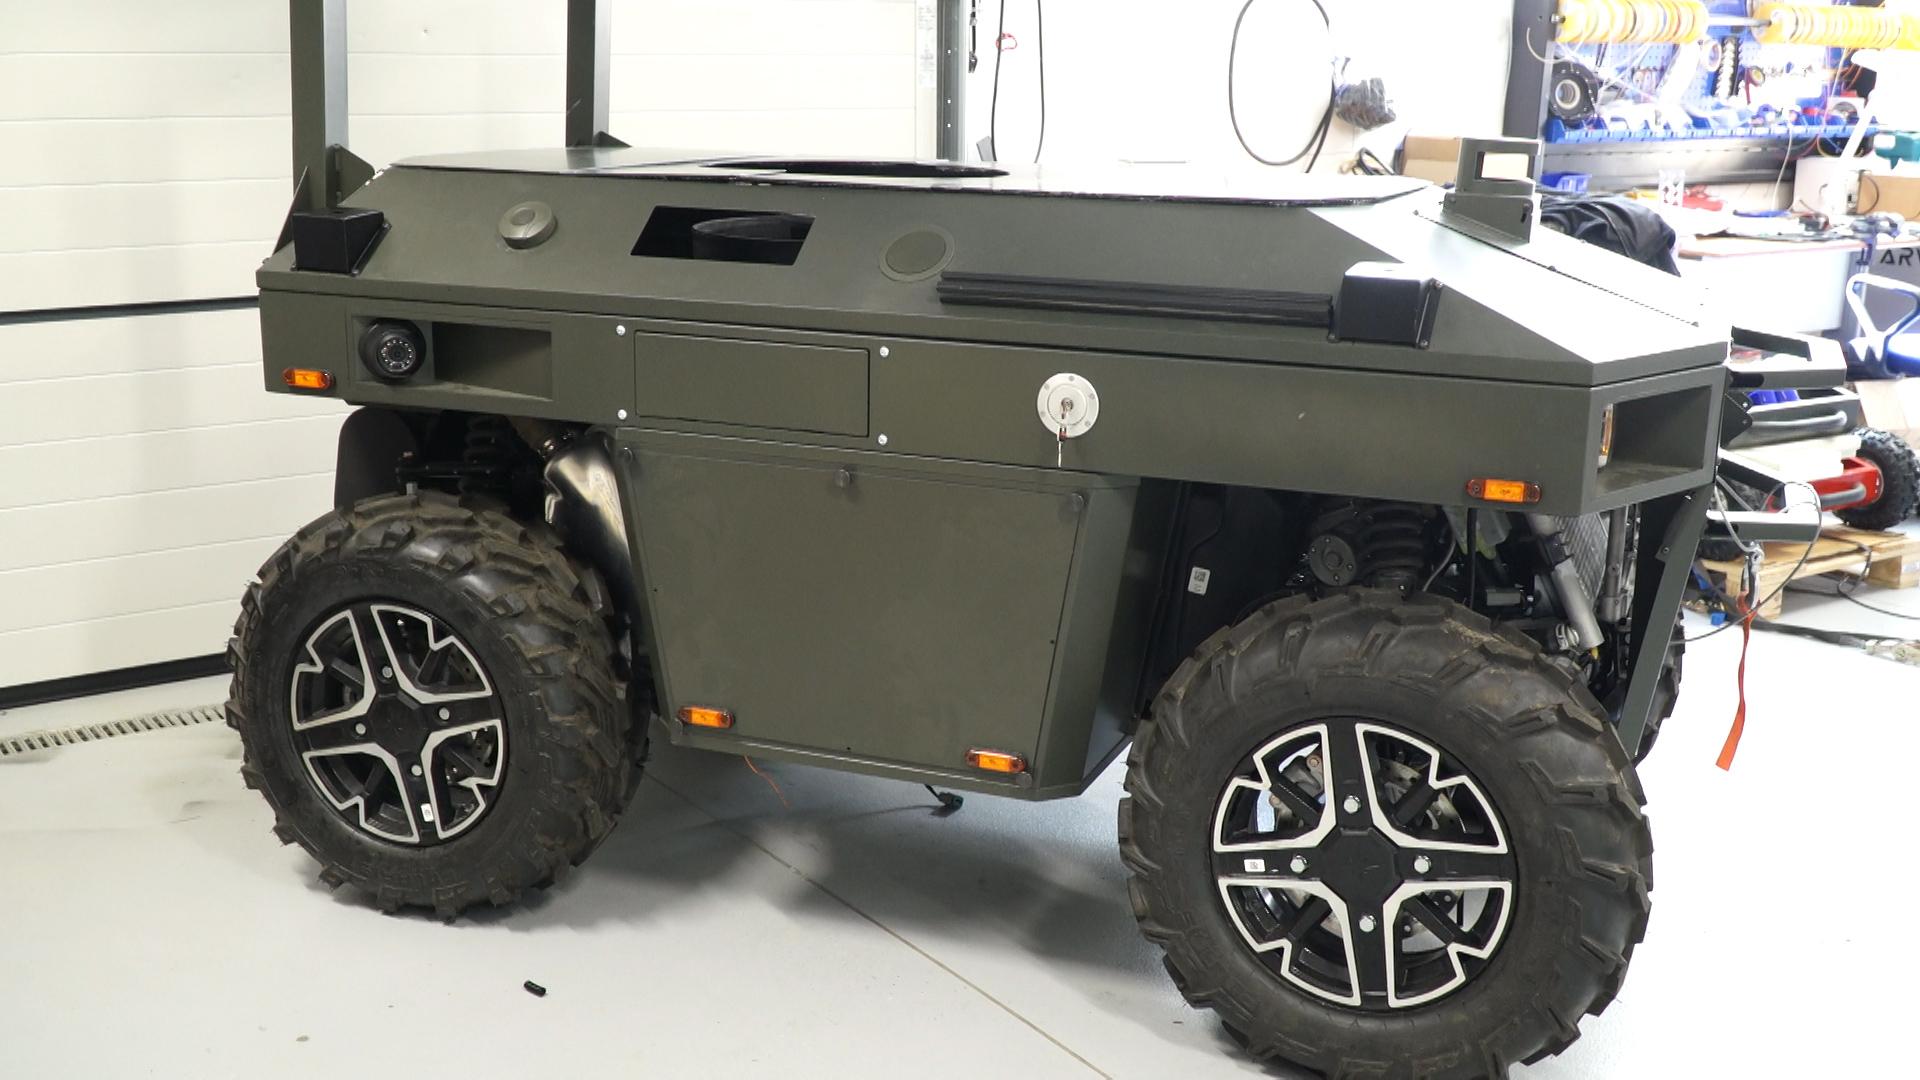 Autonomiczne i uzbrojone pojazdy wkraczają na pola walki